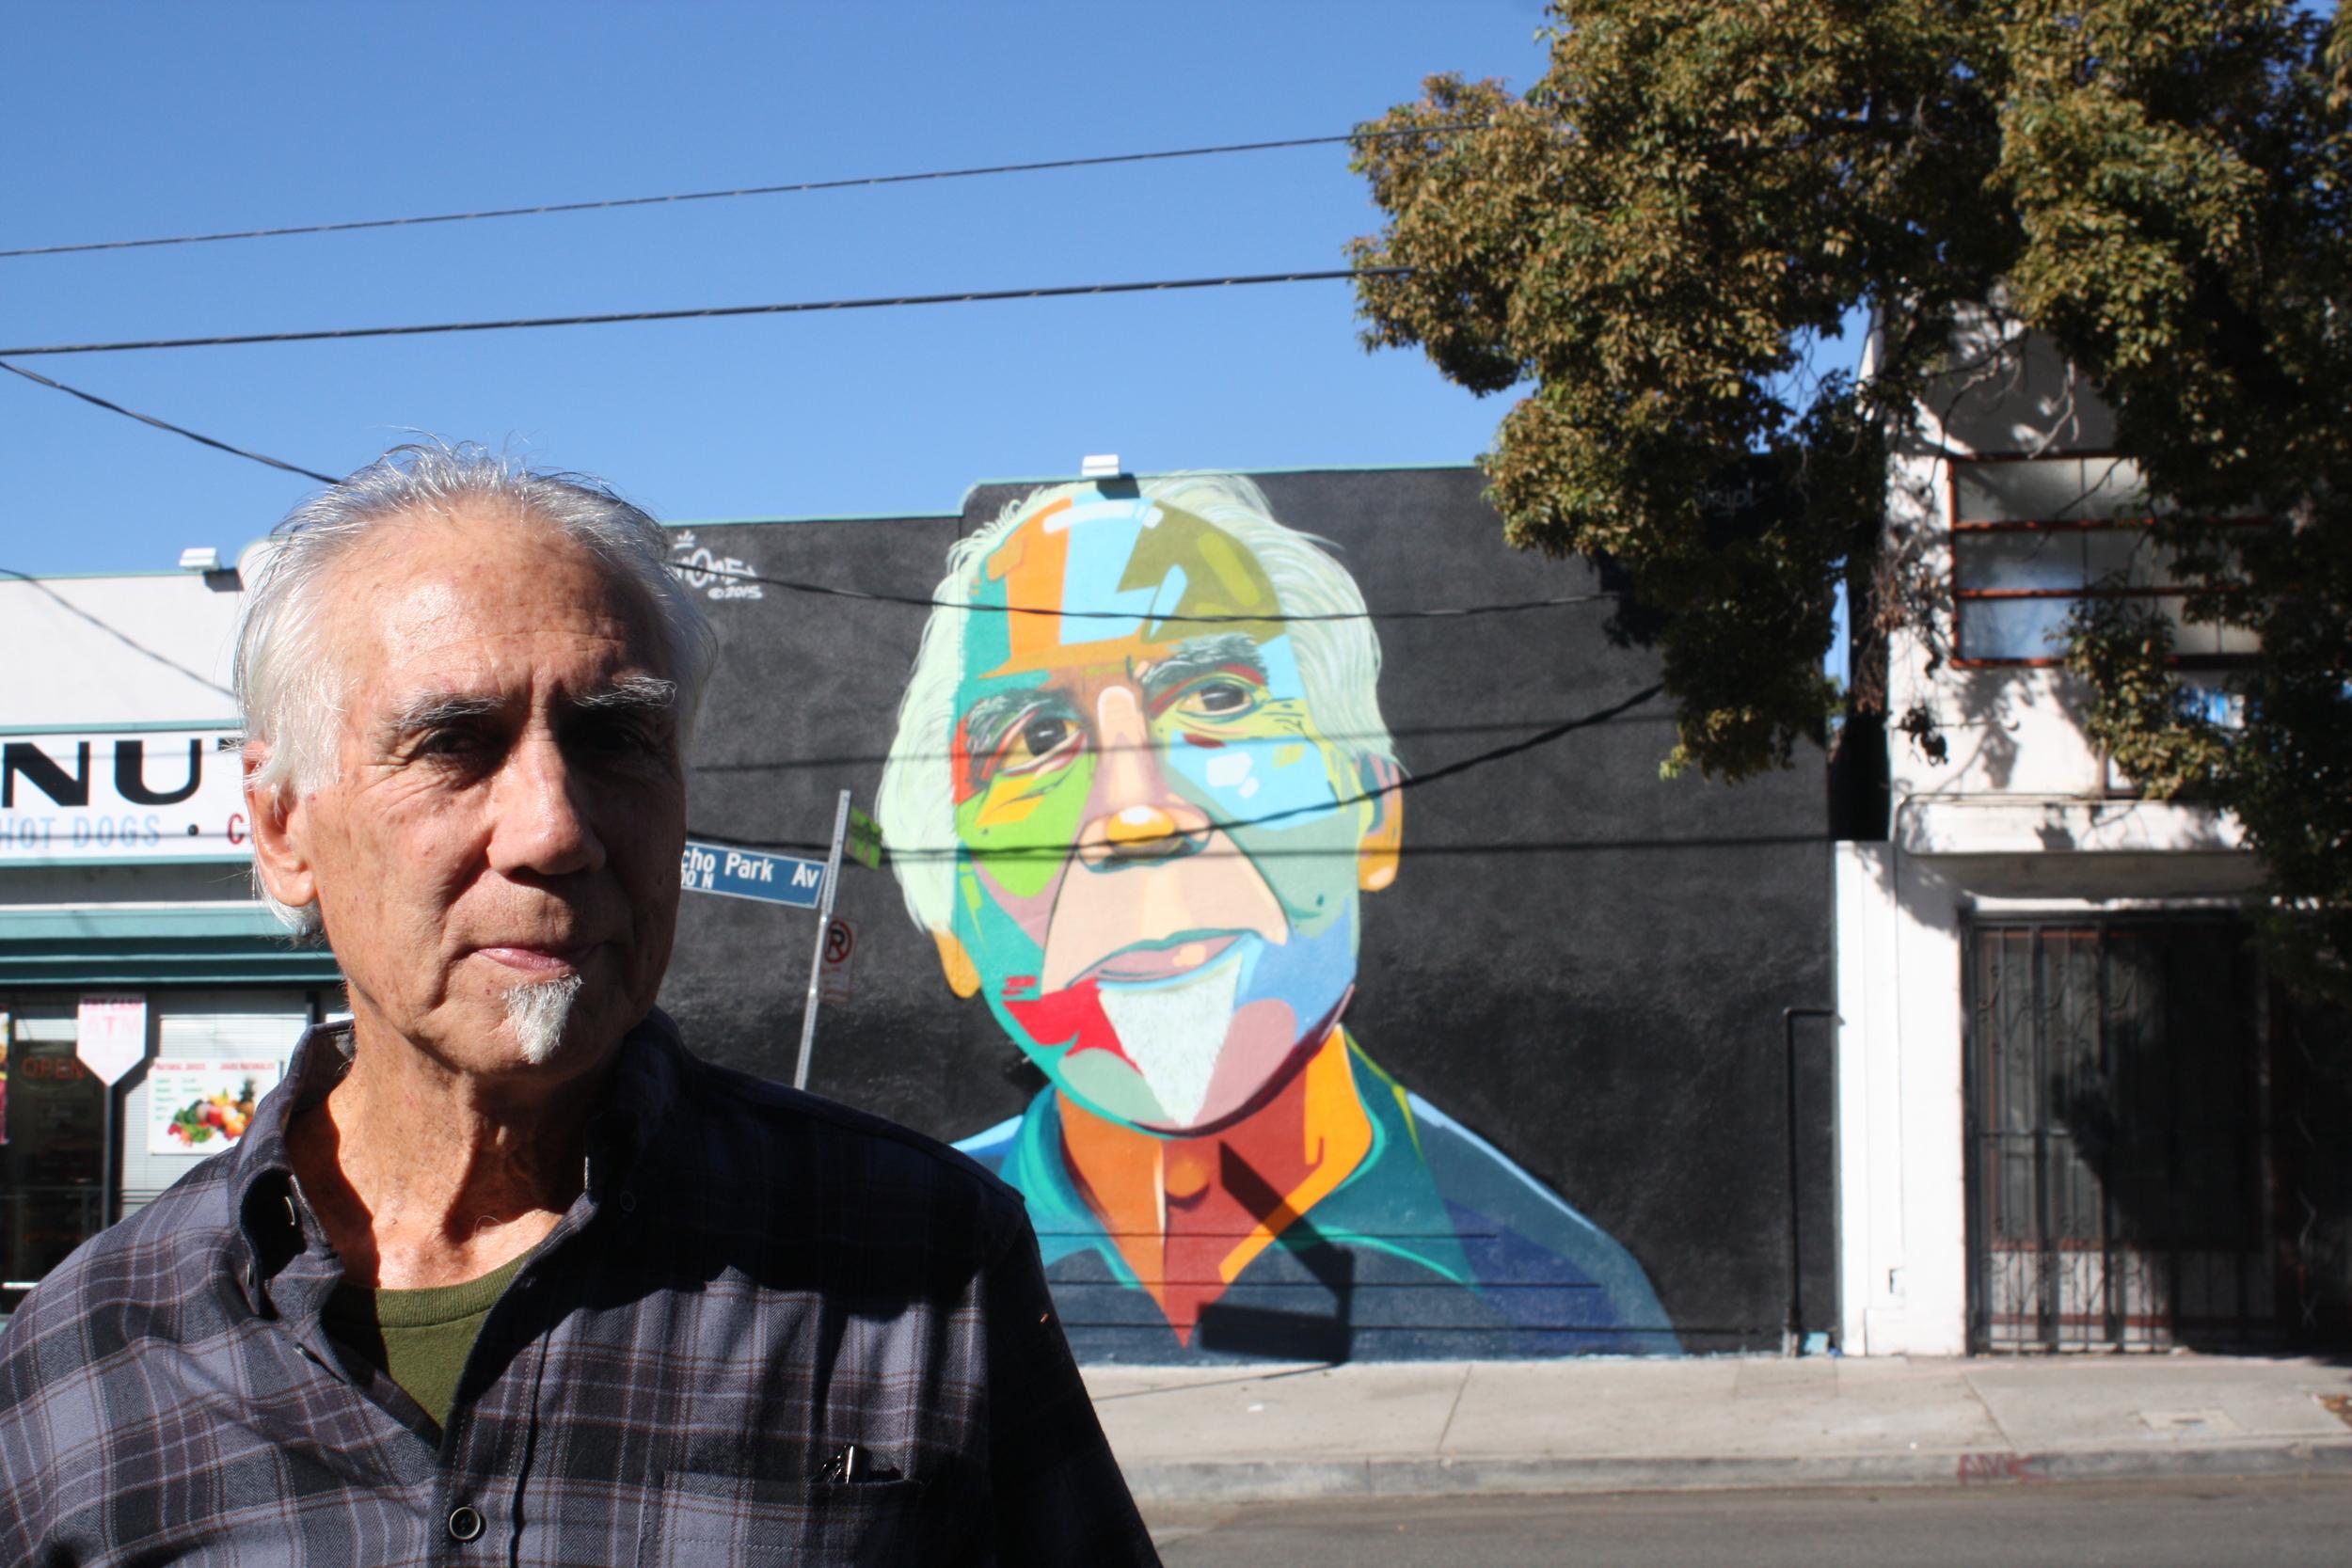 Eriberto in front of my mural.